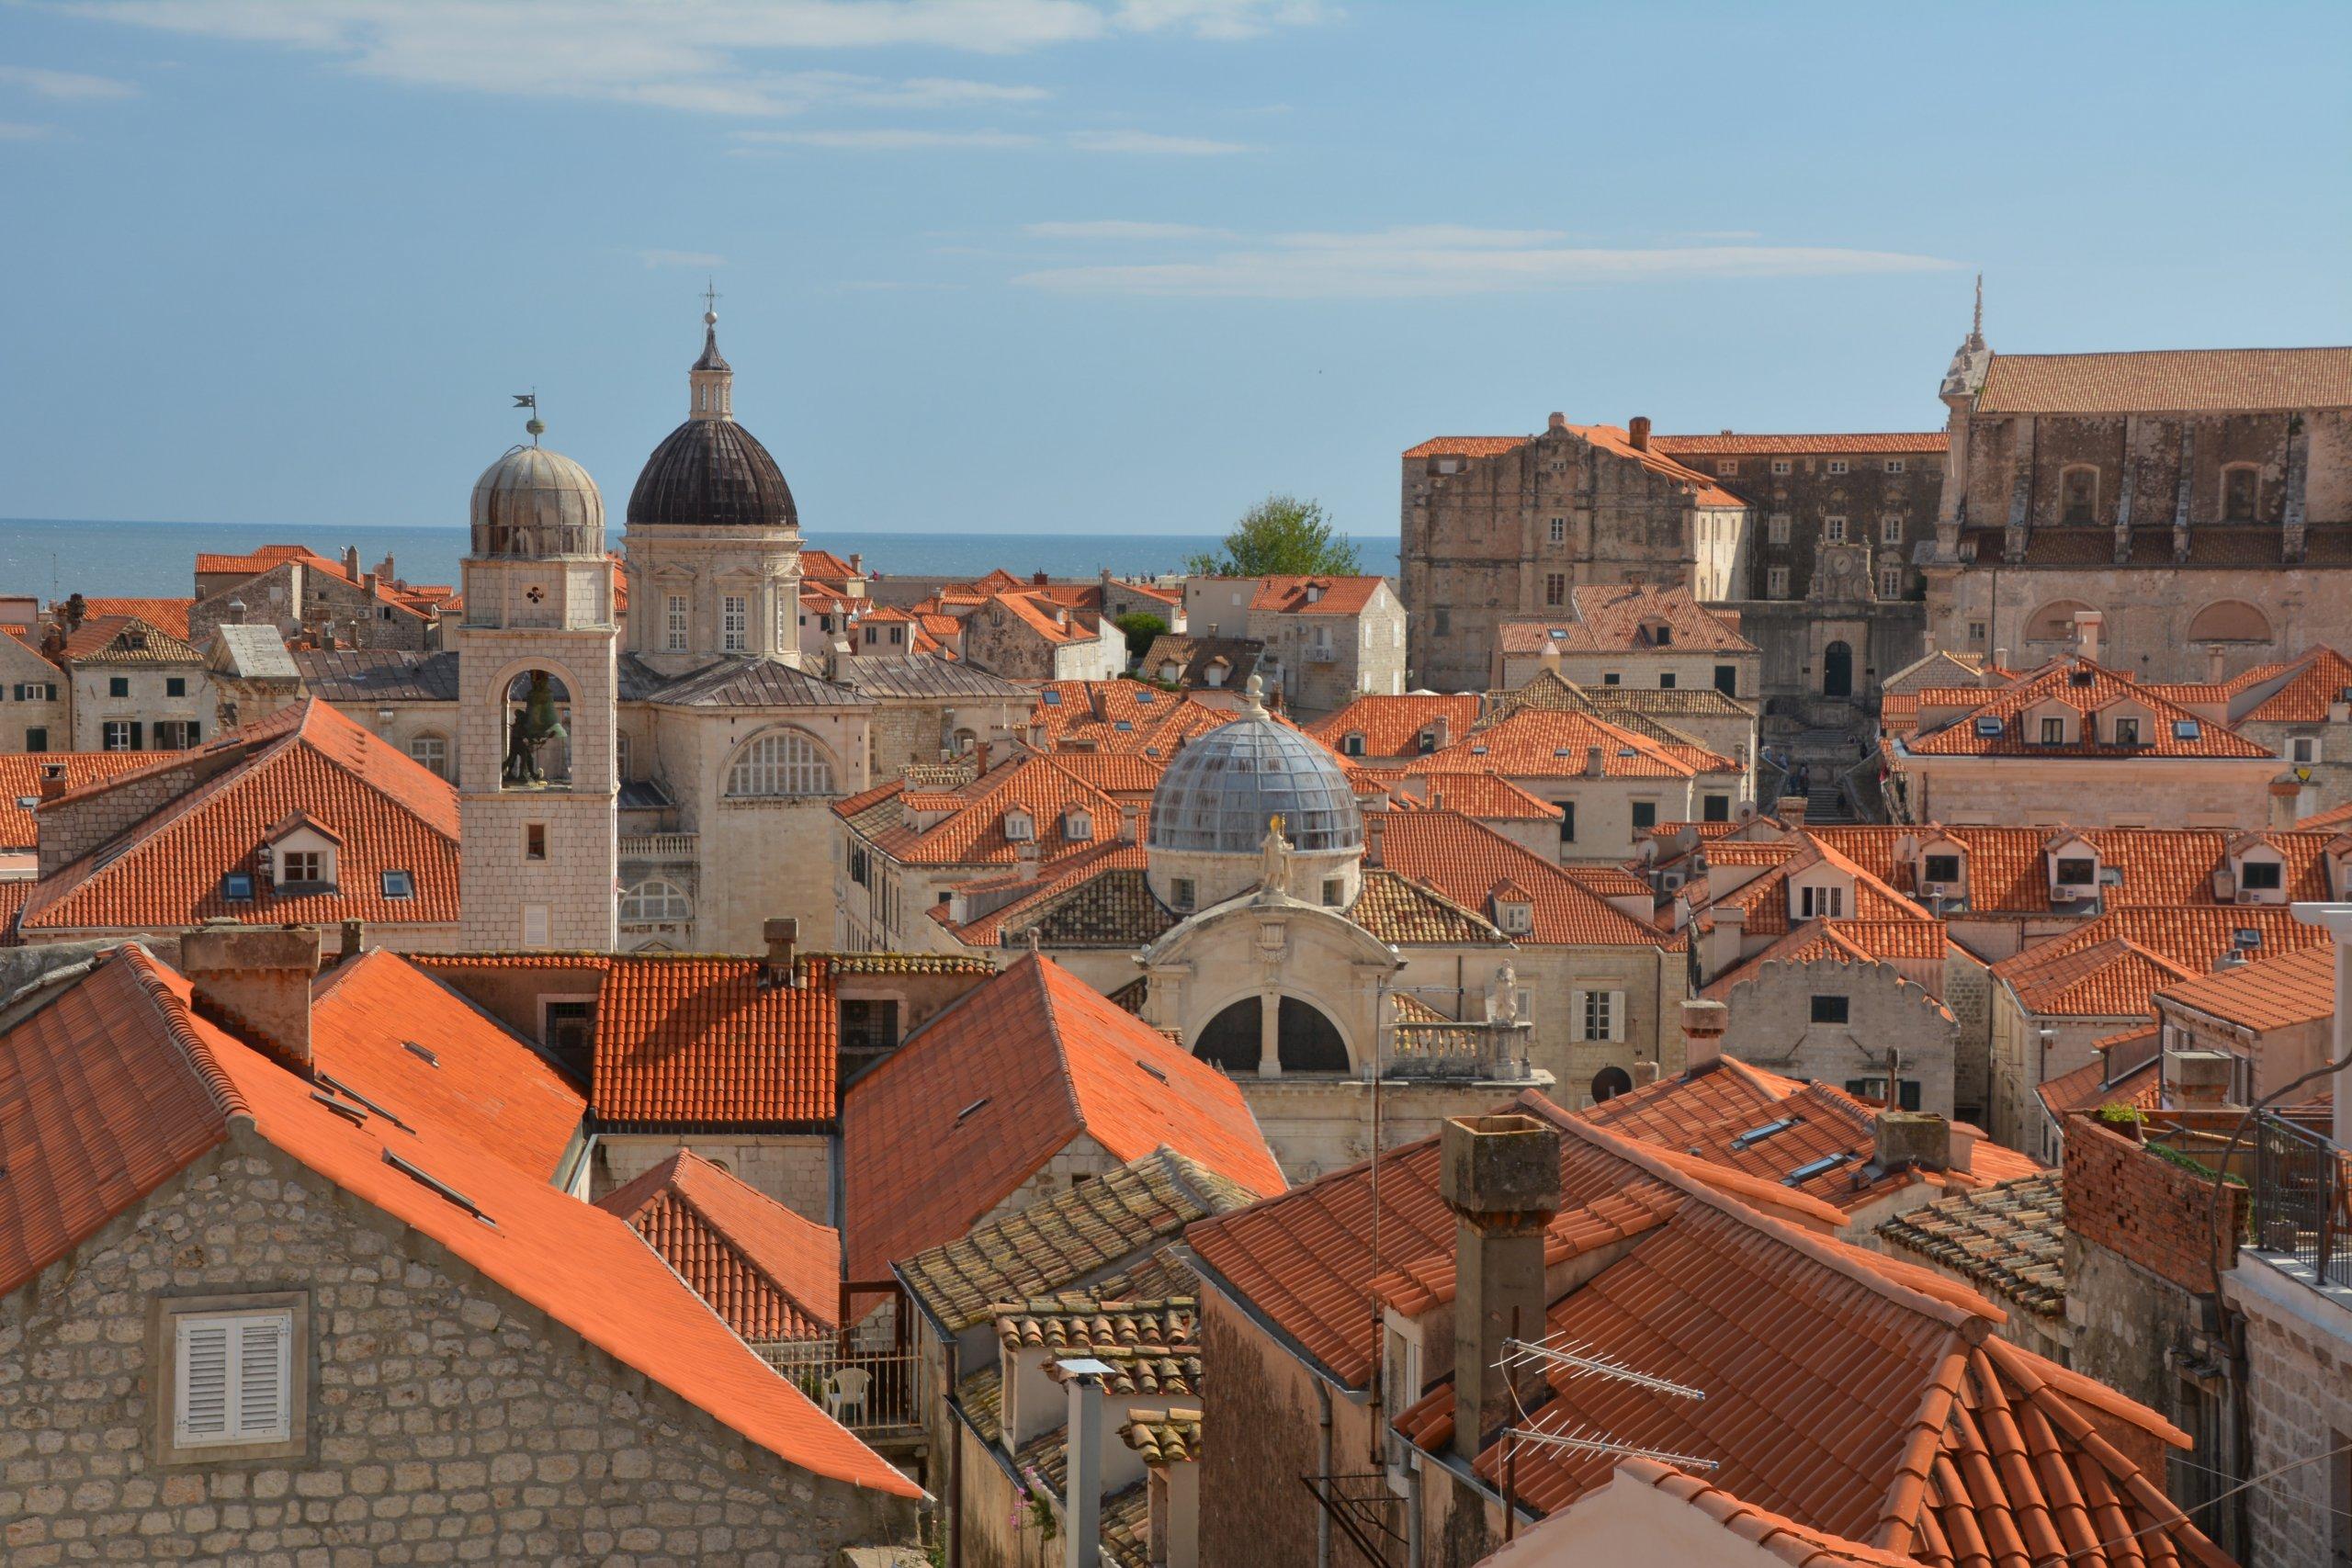 Pogledajte stanje po gradovima: Hrvati mogu po godišnjem dohotku kupiti 4,3 do 6,8 metara kvadratnih nekretnina